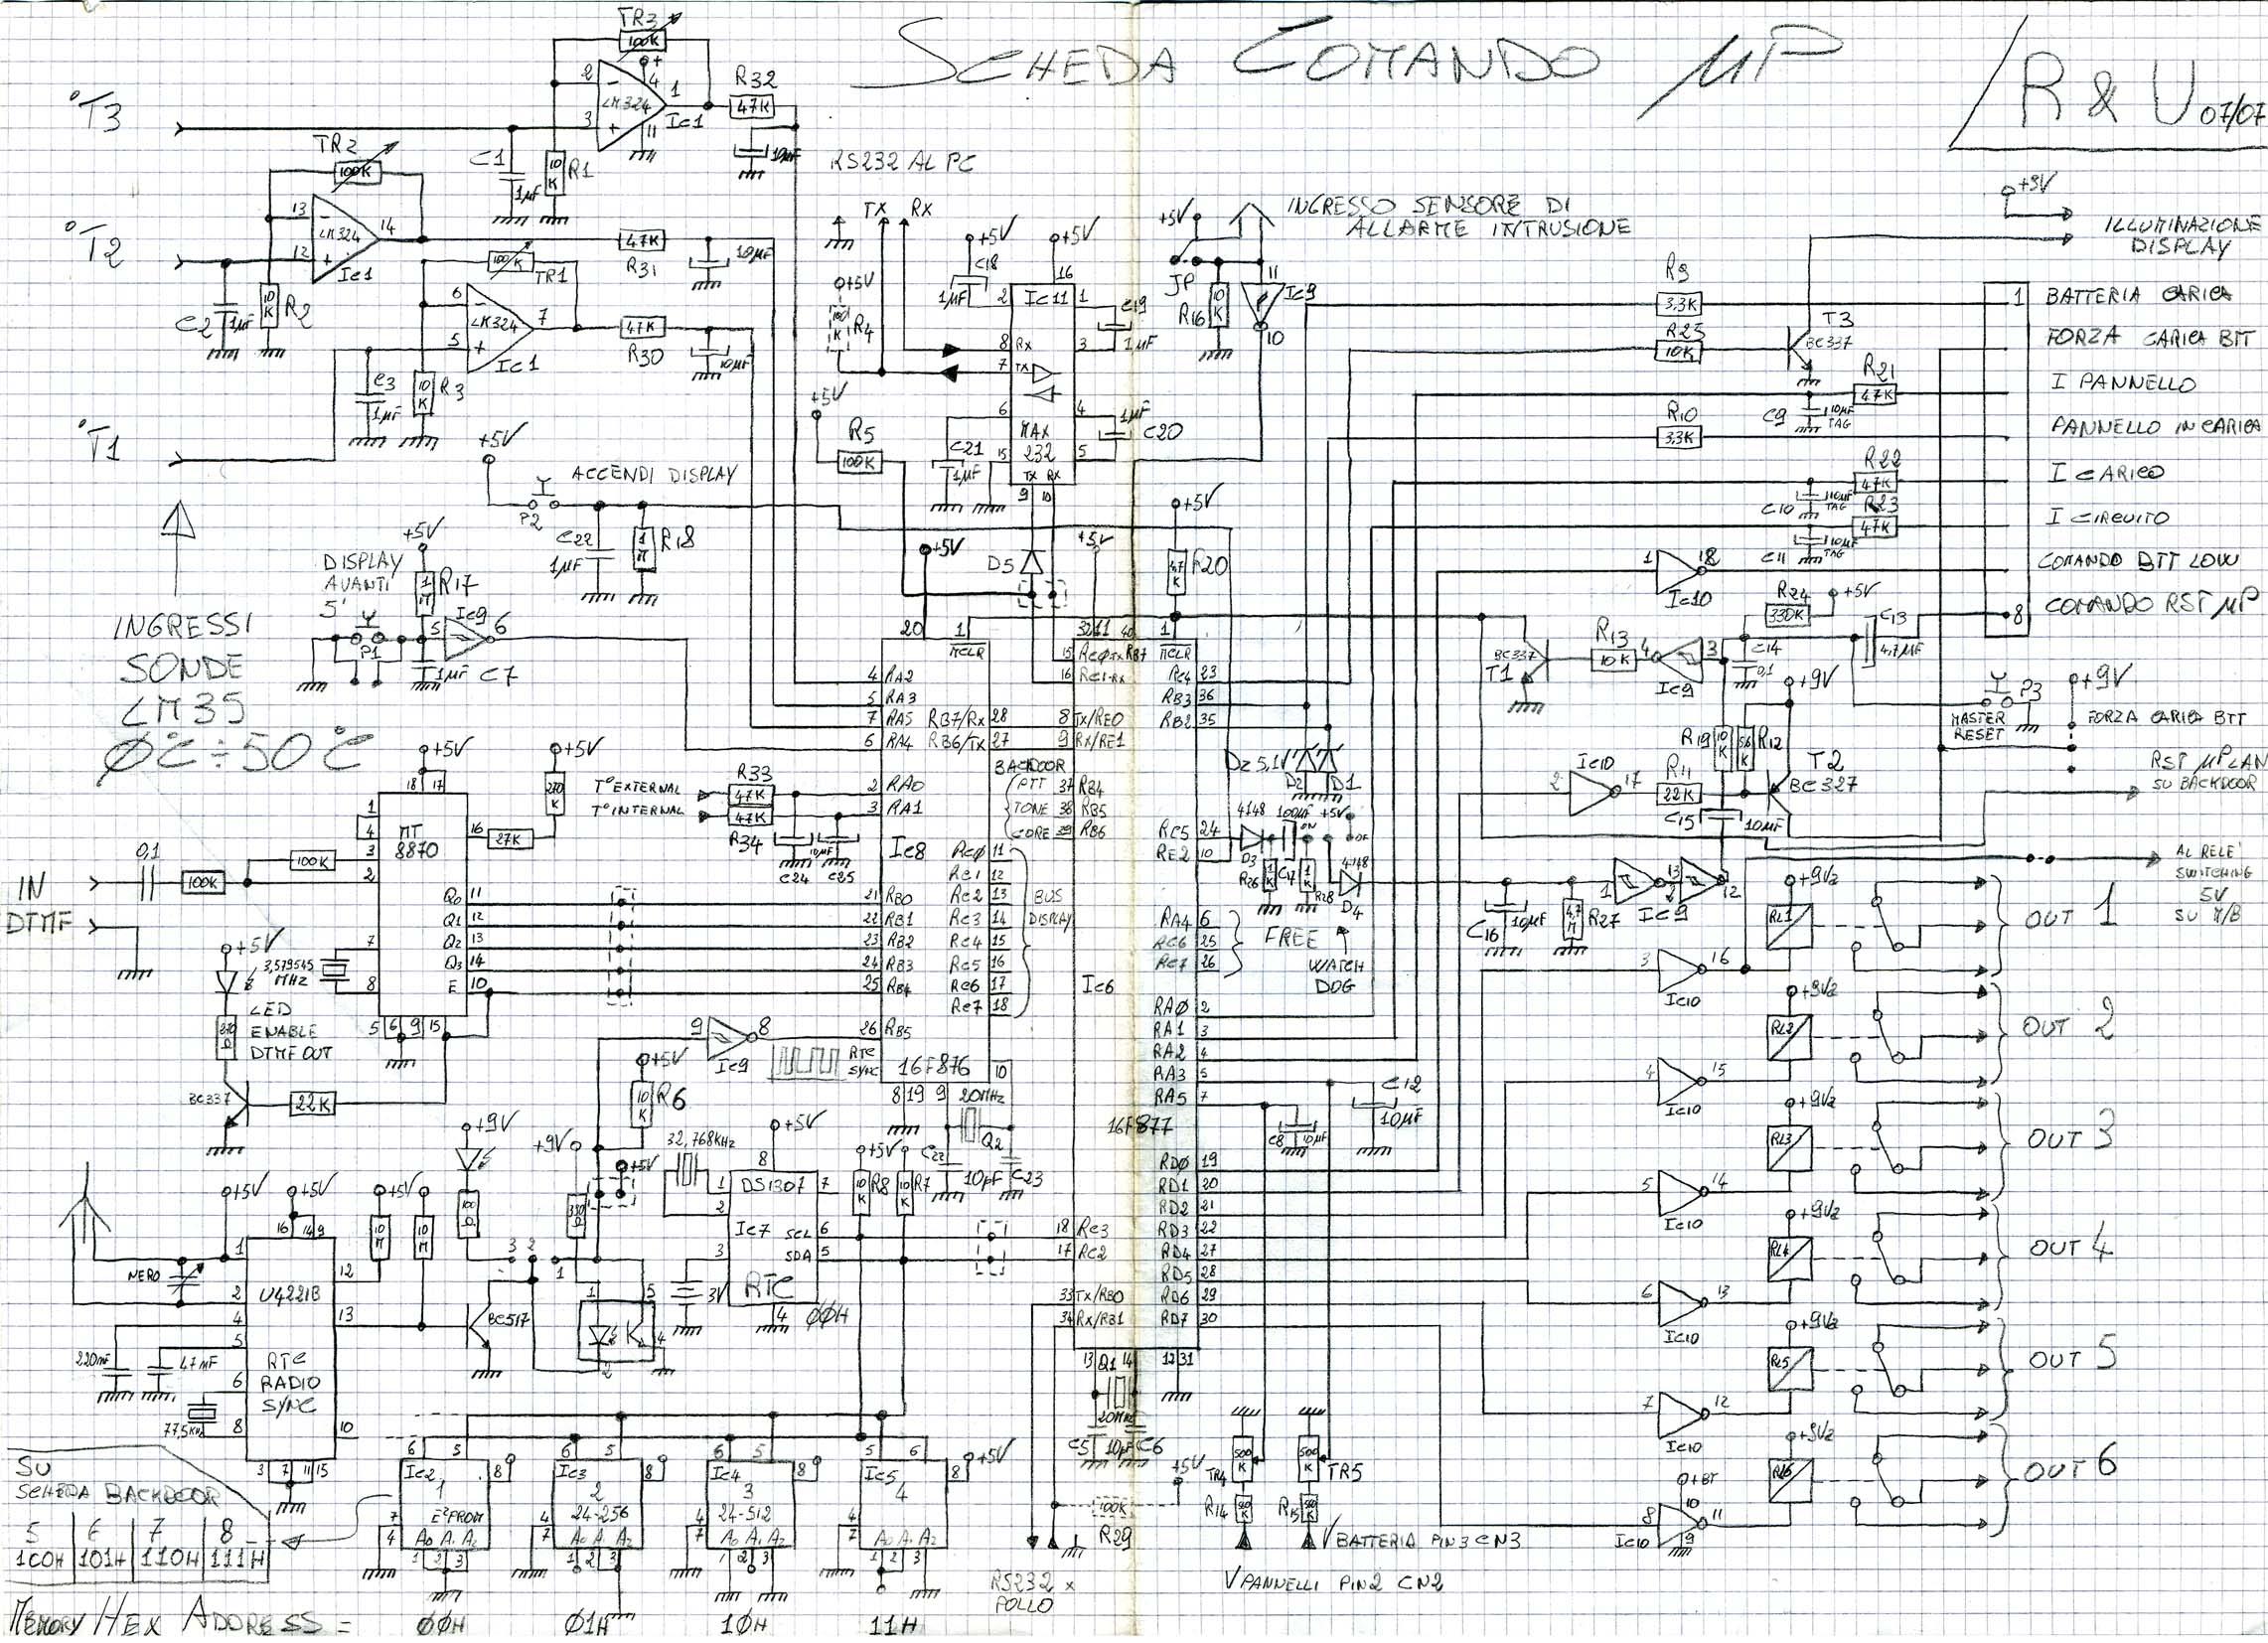 Schema Elettrico Ups Riello : Schema elettrico ups riello problemi di qualità dell